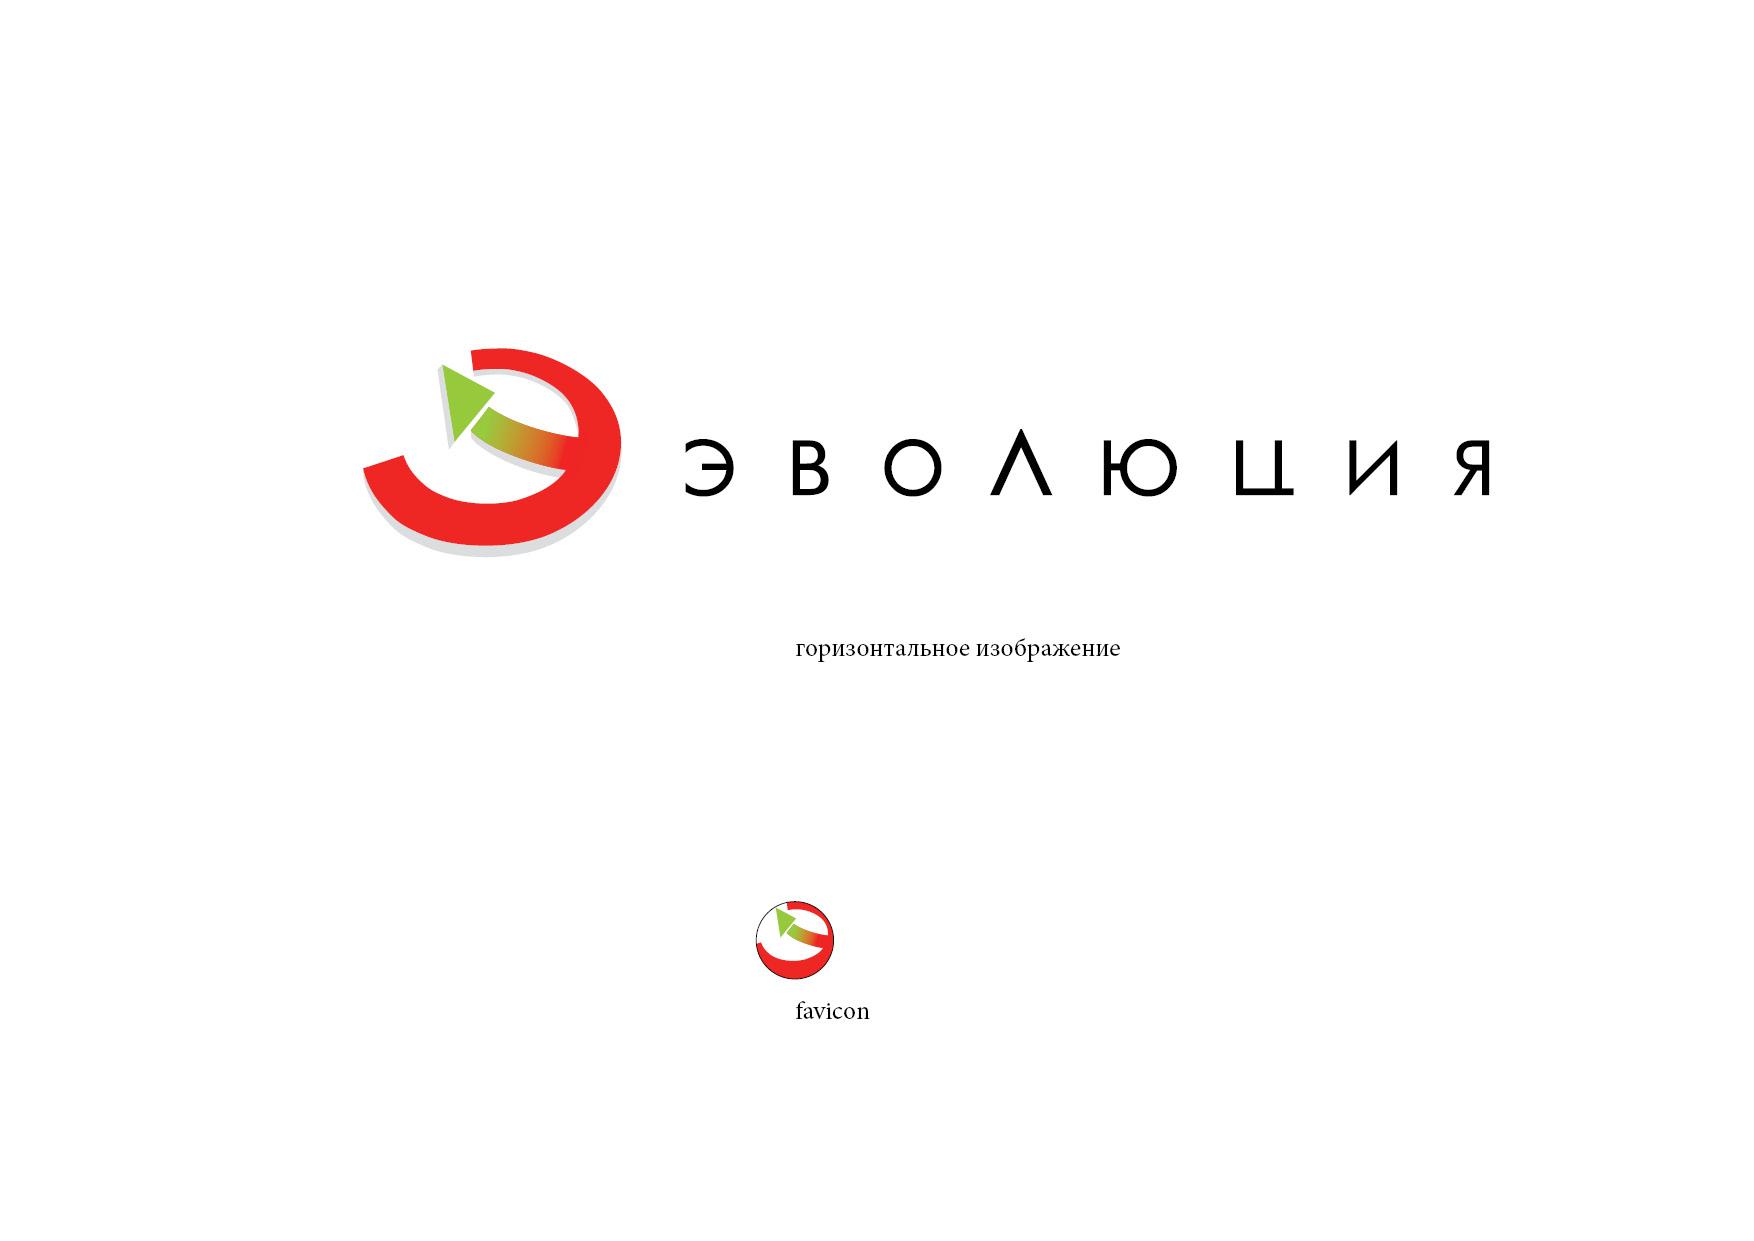 Разработать логотип для Онлайн-школы и сообщества фото f_2085bbf8785df906.jpg